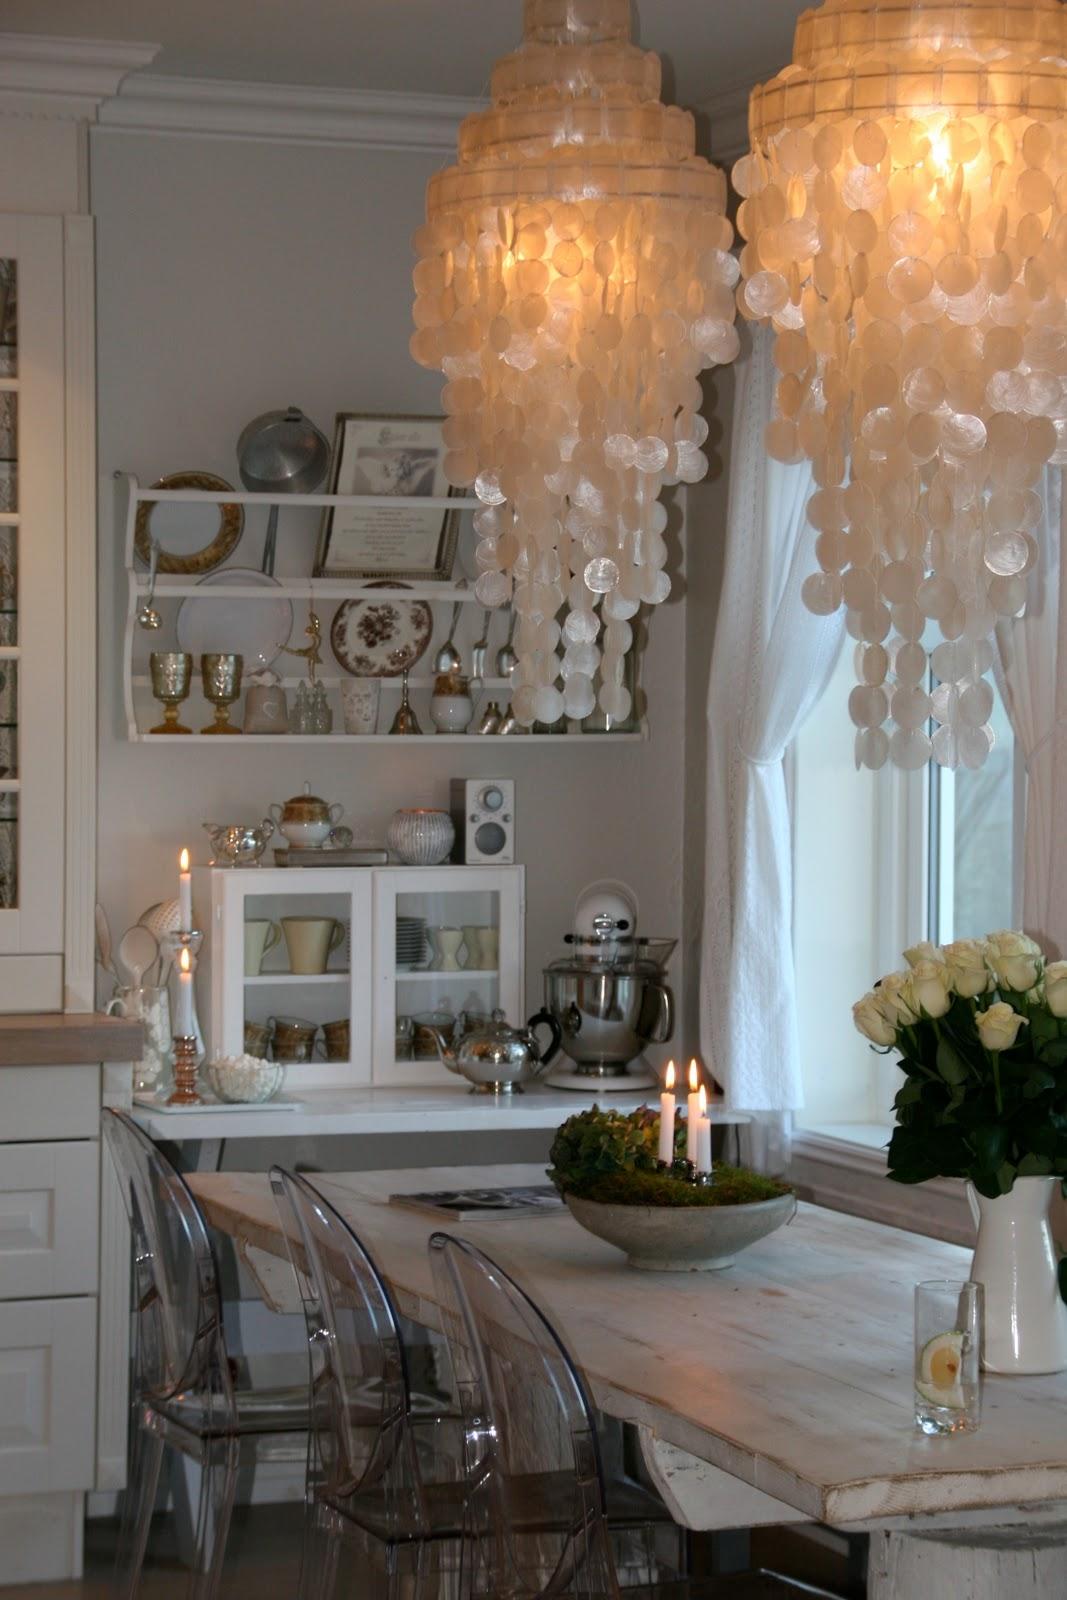 BOISERIE & C.: Shabby Chic Norvegese #BB6B10 1067 1600 Cucine Stile Norvegese